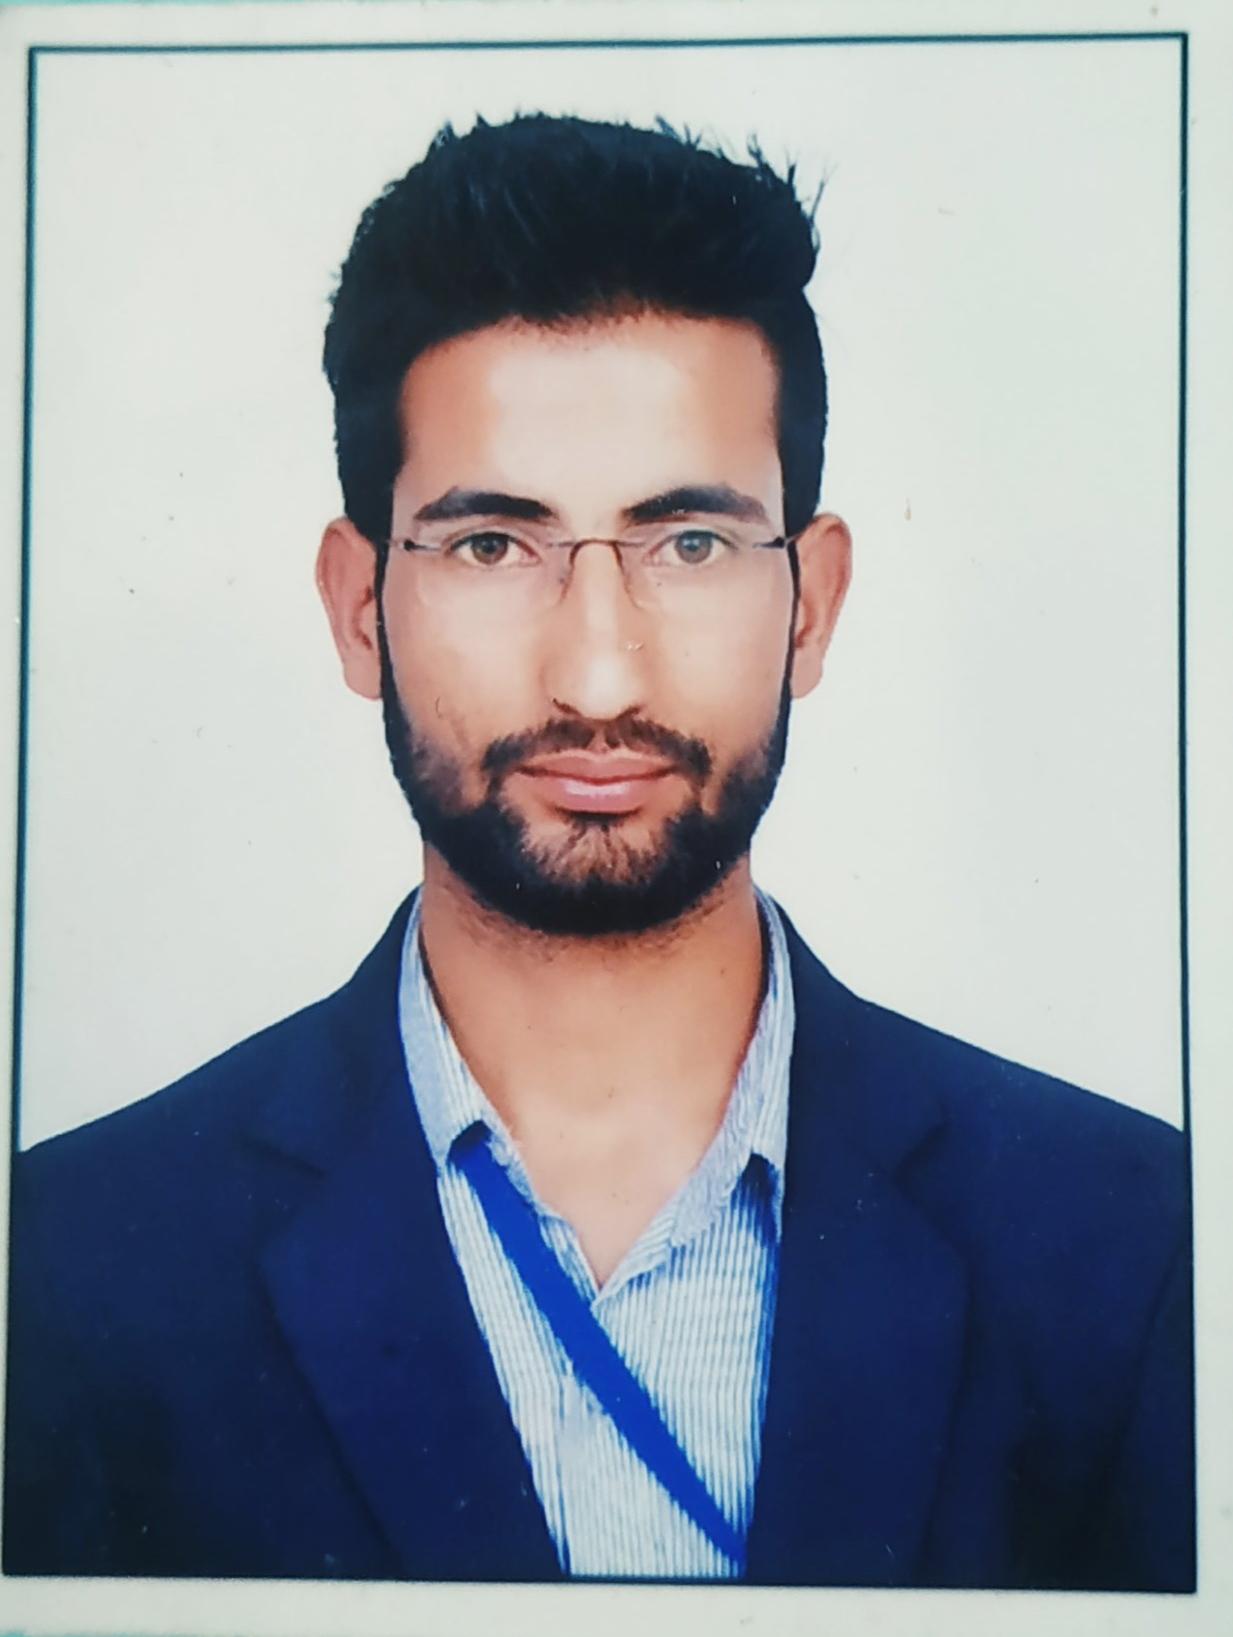 Ummer Farooq